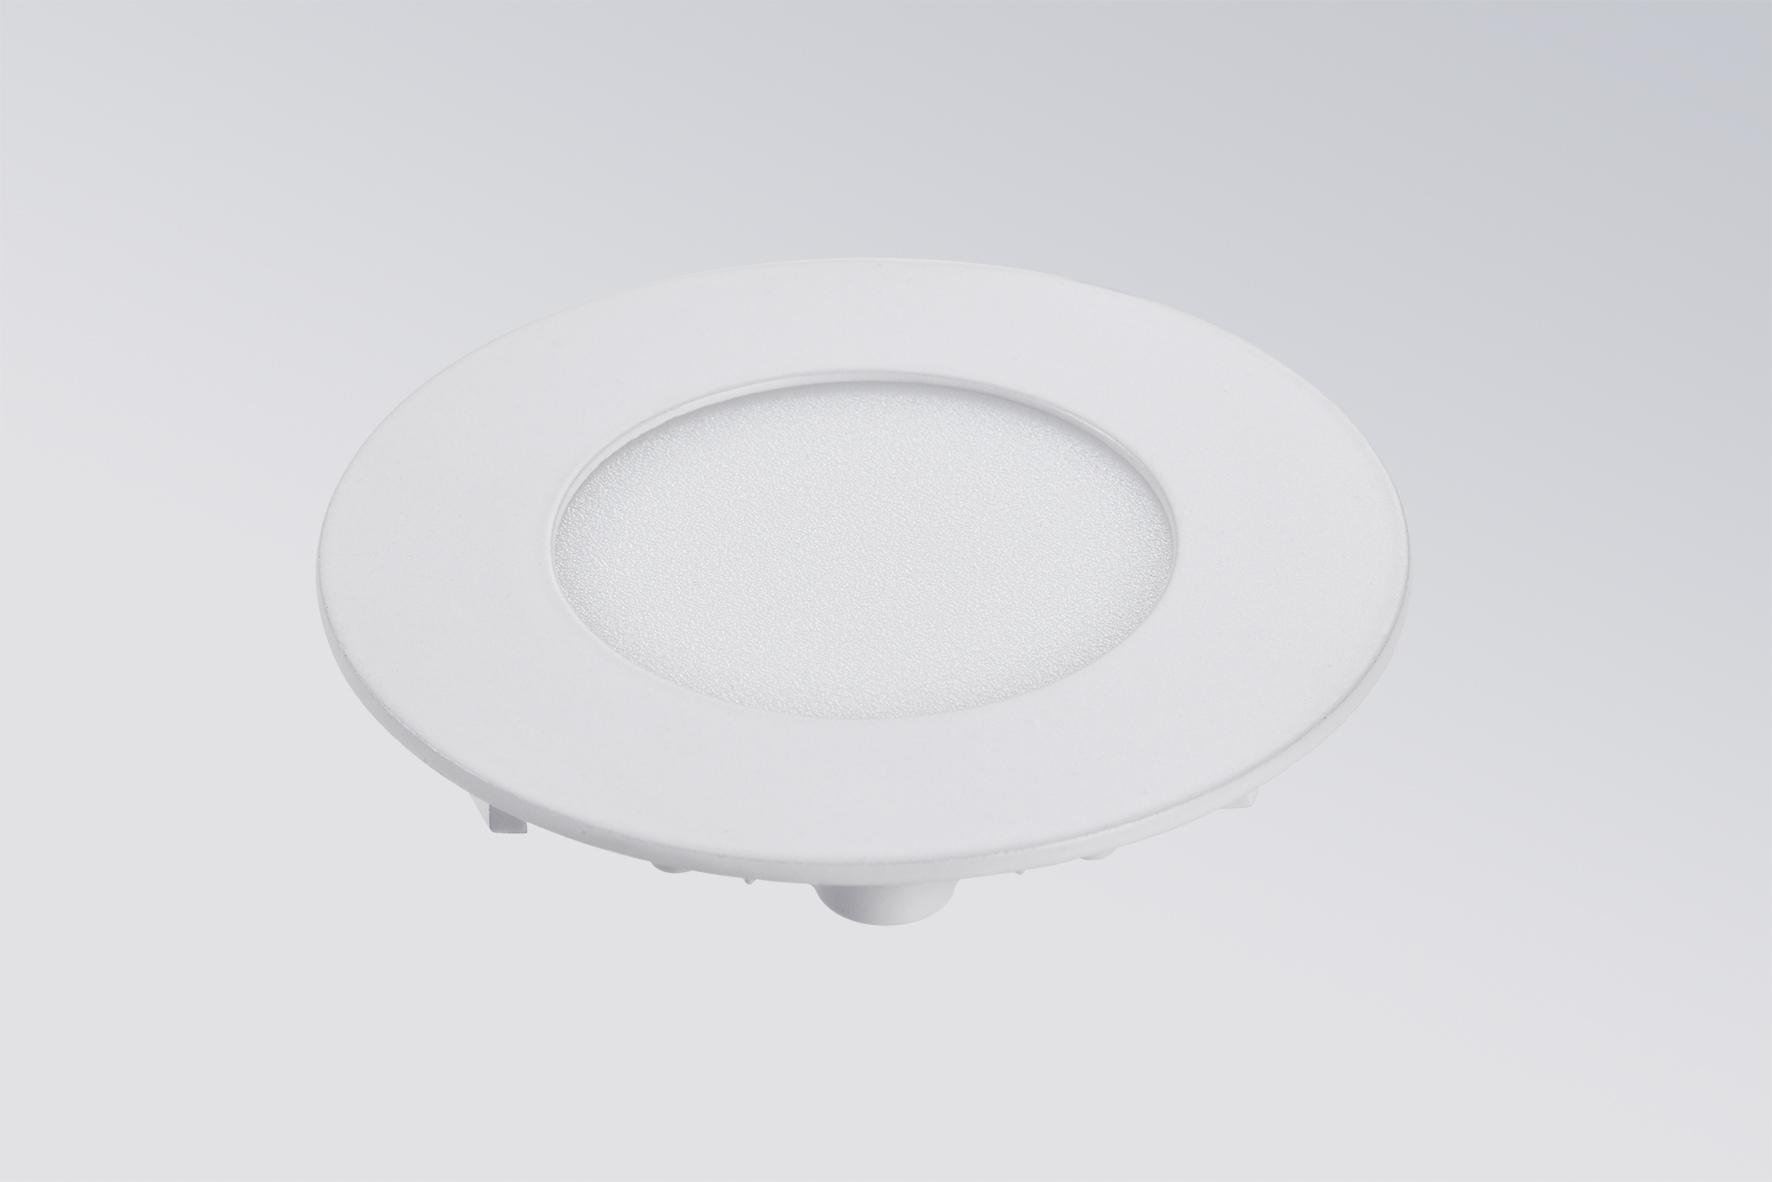 3W Profi LED Panel UNTERPUTZ Deckenleuchte Ultraslim Einbaupanel 4200K 160LM